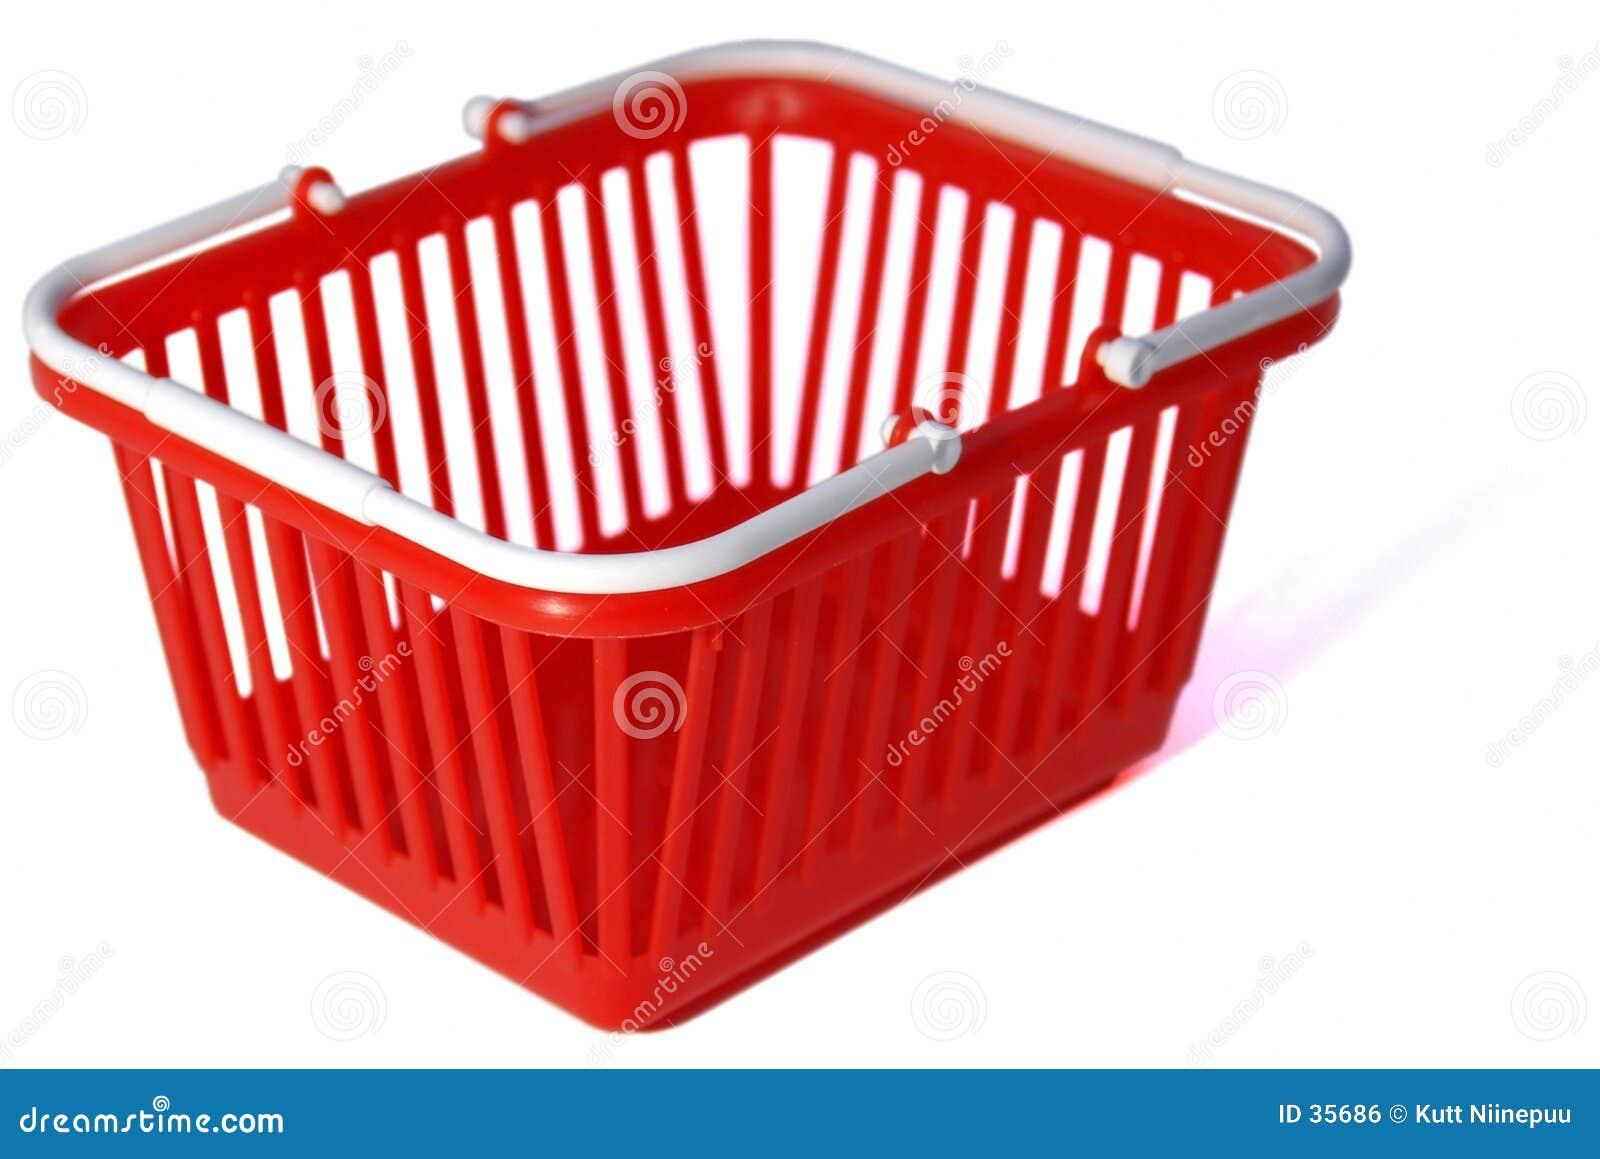 Toy Shopping Basket Royalty Free Stock Image Image 35686